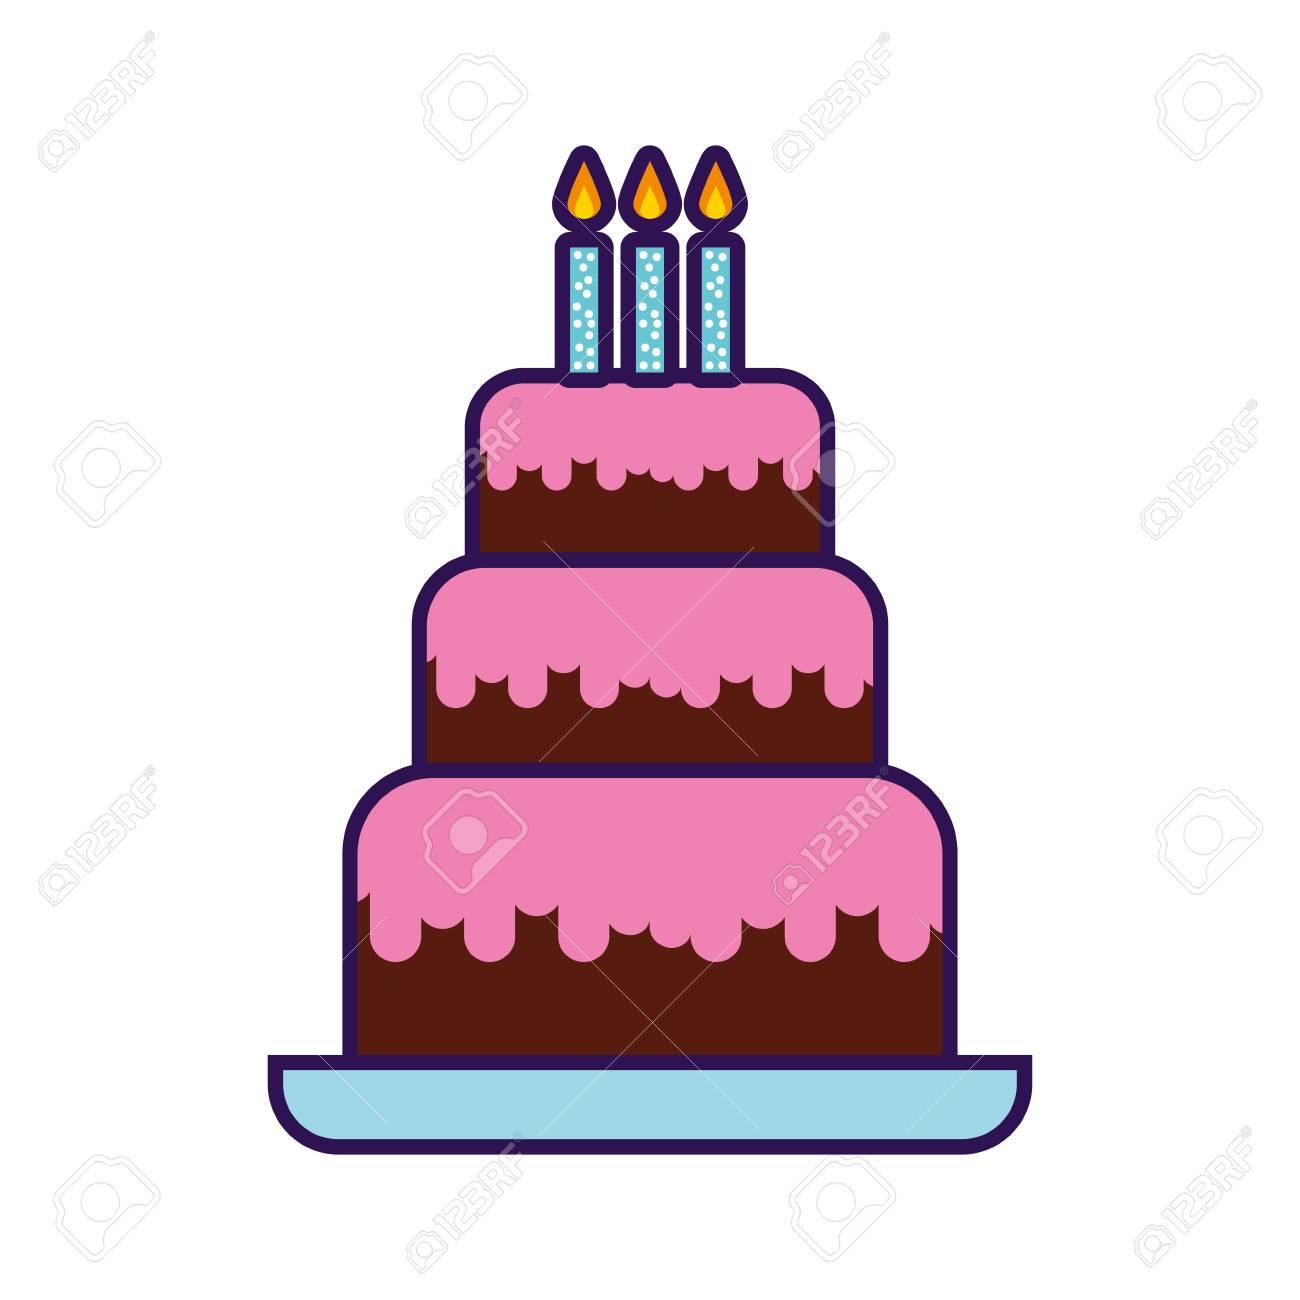 かわいい誕生日ケーキ漫画ベクトル グラフィック デザインのイラスト素材